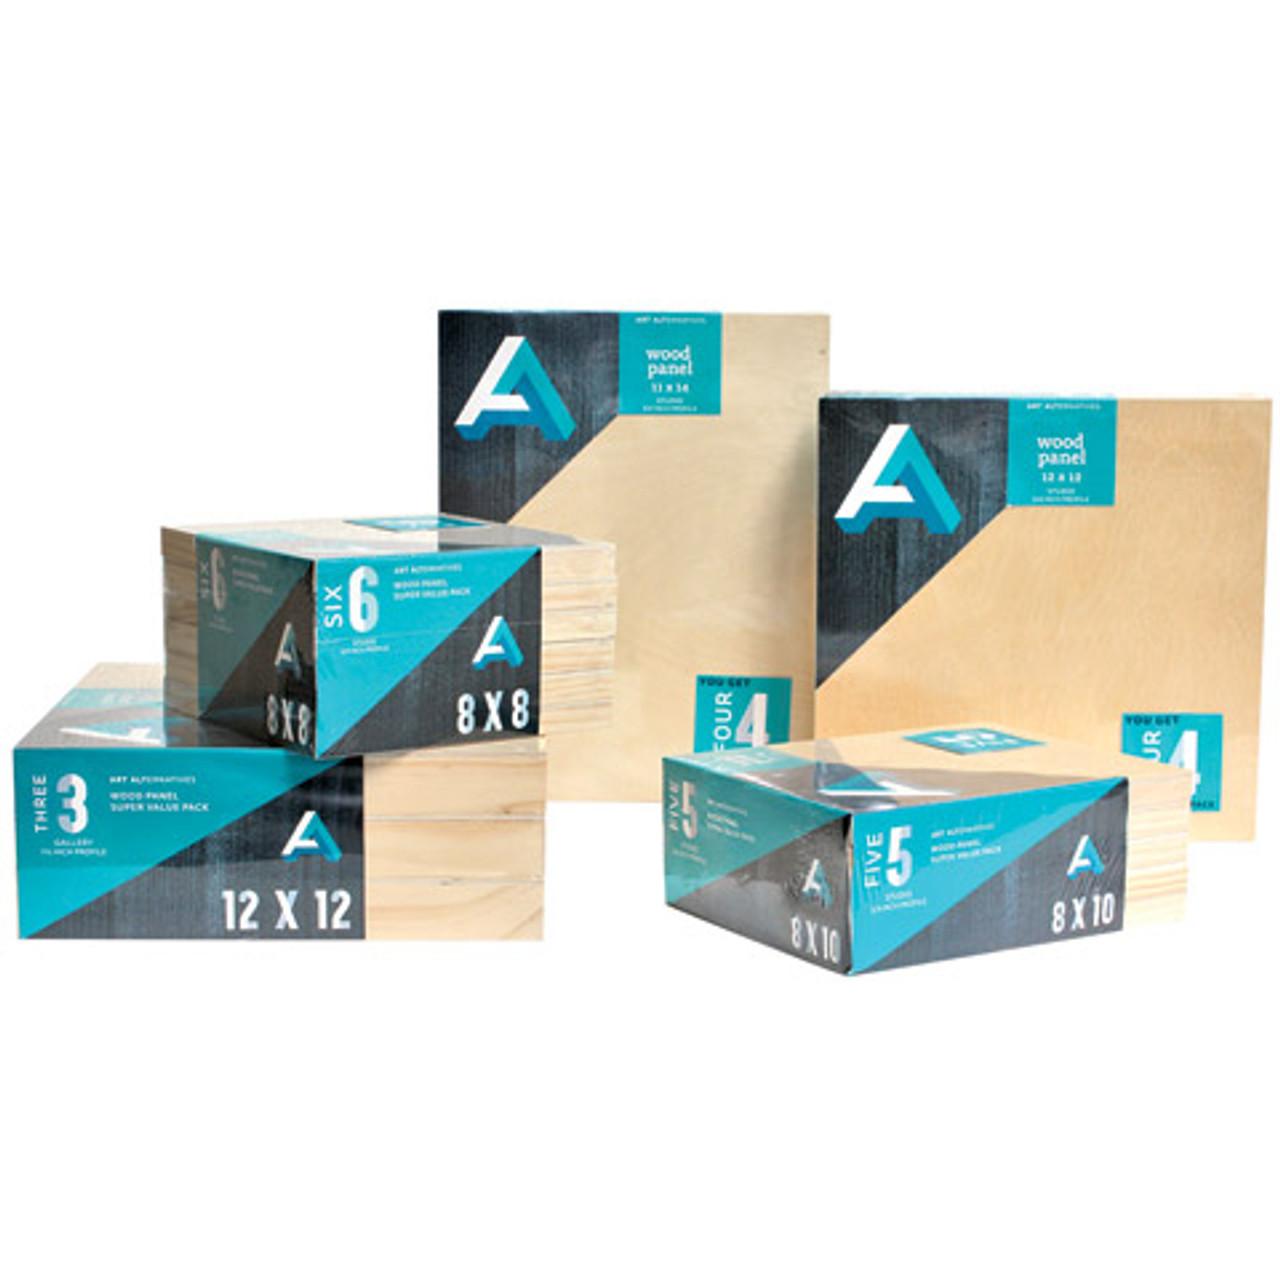 Wood Panel Super Value 4-Pack Cradled 10x10